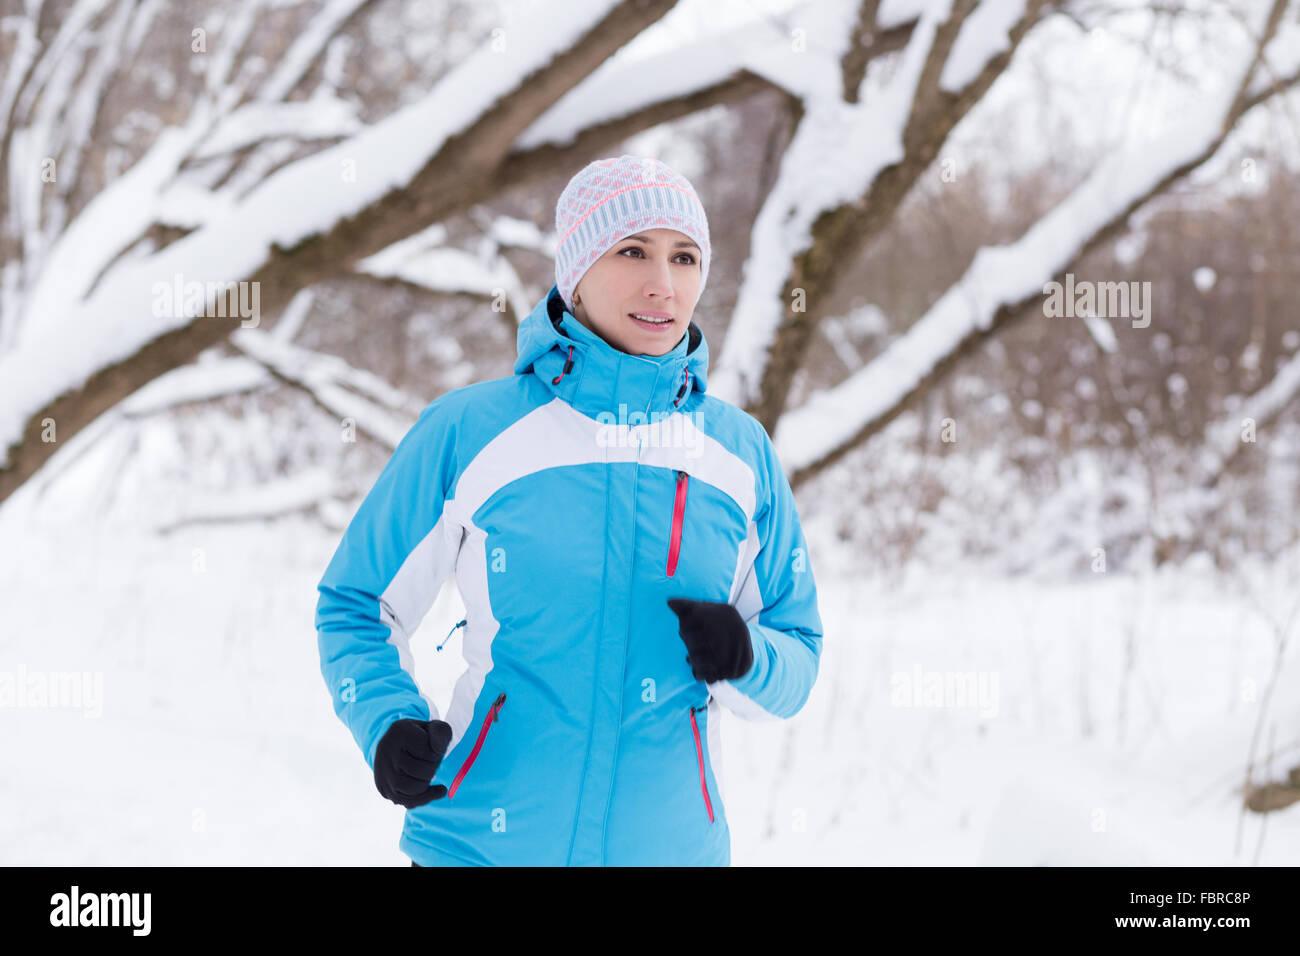 Junge schlanke Frau im Winter Park Joggen. Kaukasische Mädchen in Sportbekleidung ausgeführt Stockbild